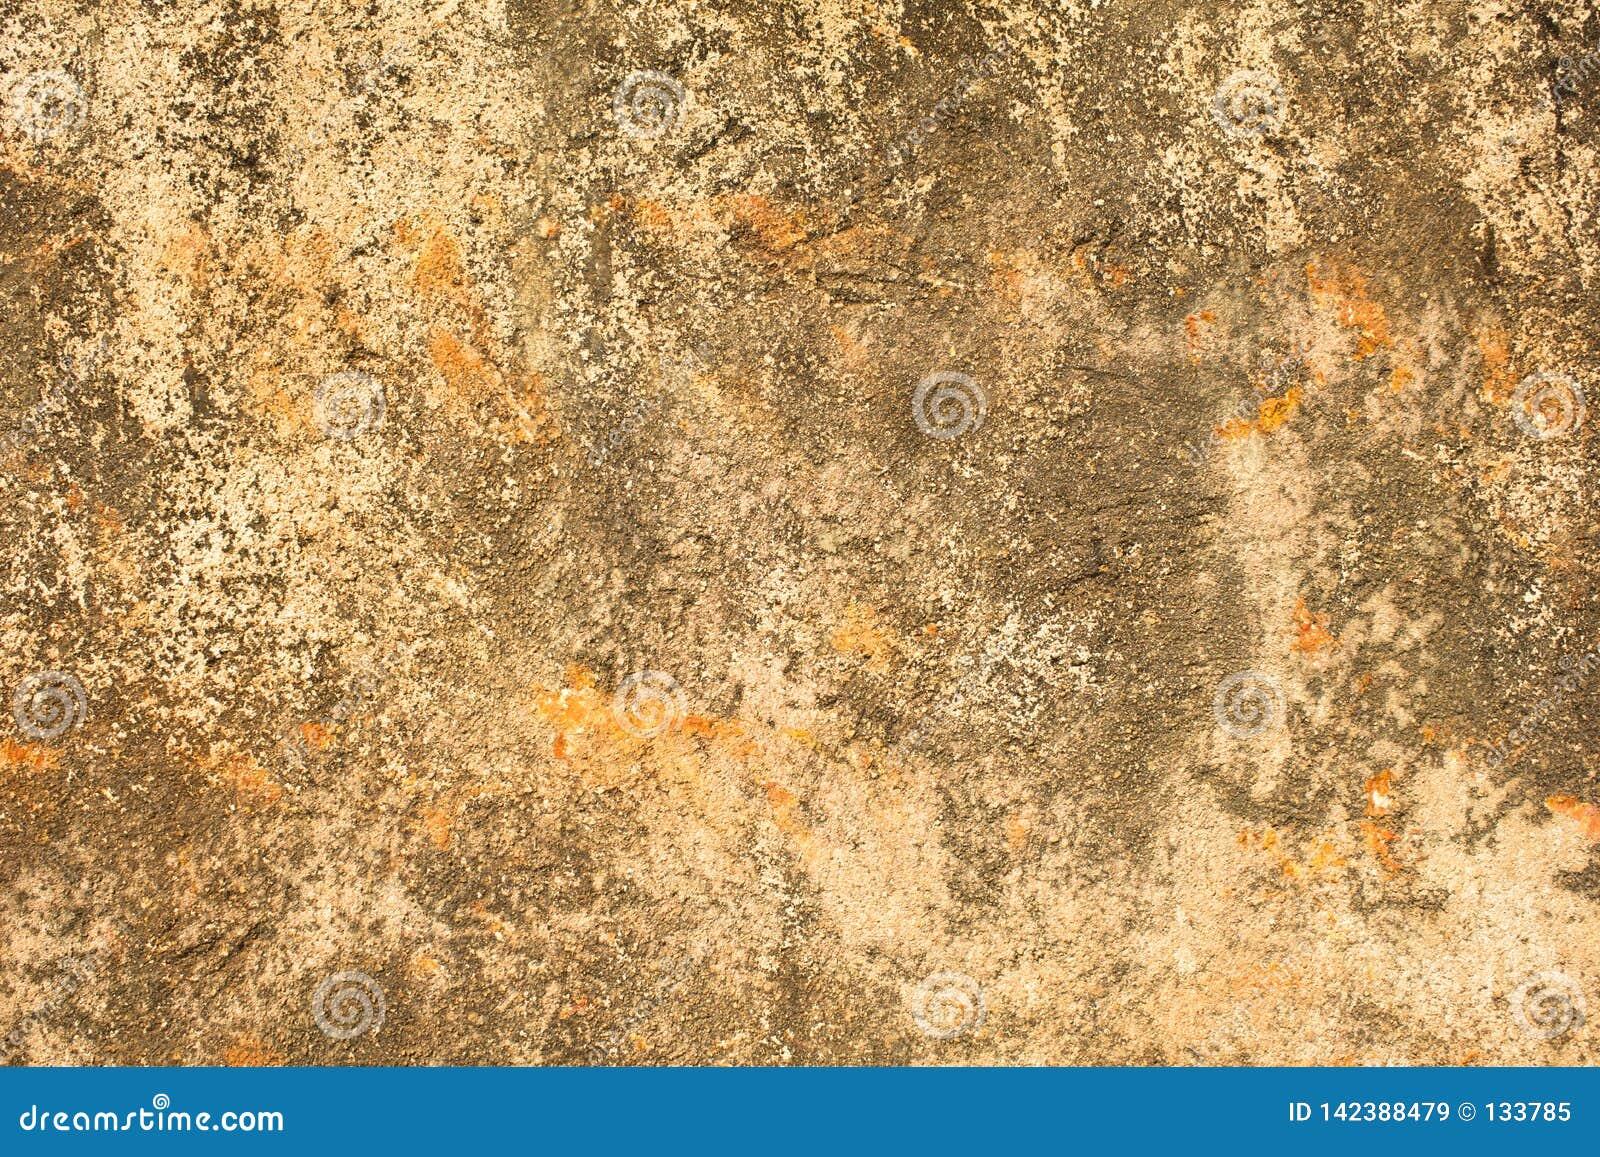 Γκριζόλευκος κίτρινος παλαιός χτυπημένος συμπαγής τοίχος με τα πορτοκαλιά σημεία, τις βαθιούς γρατσουνιές και τους λεκέδες του βρ